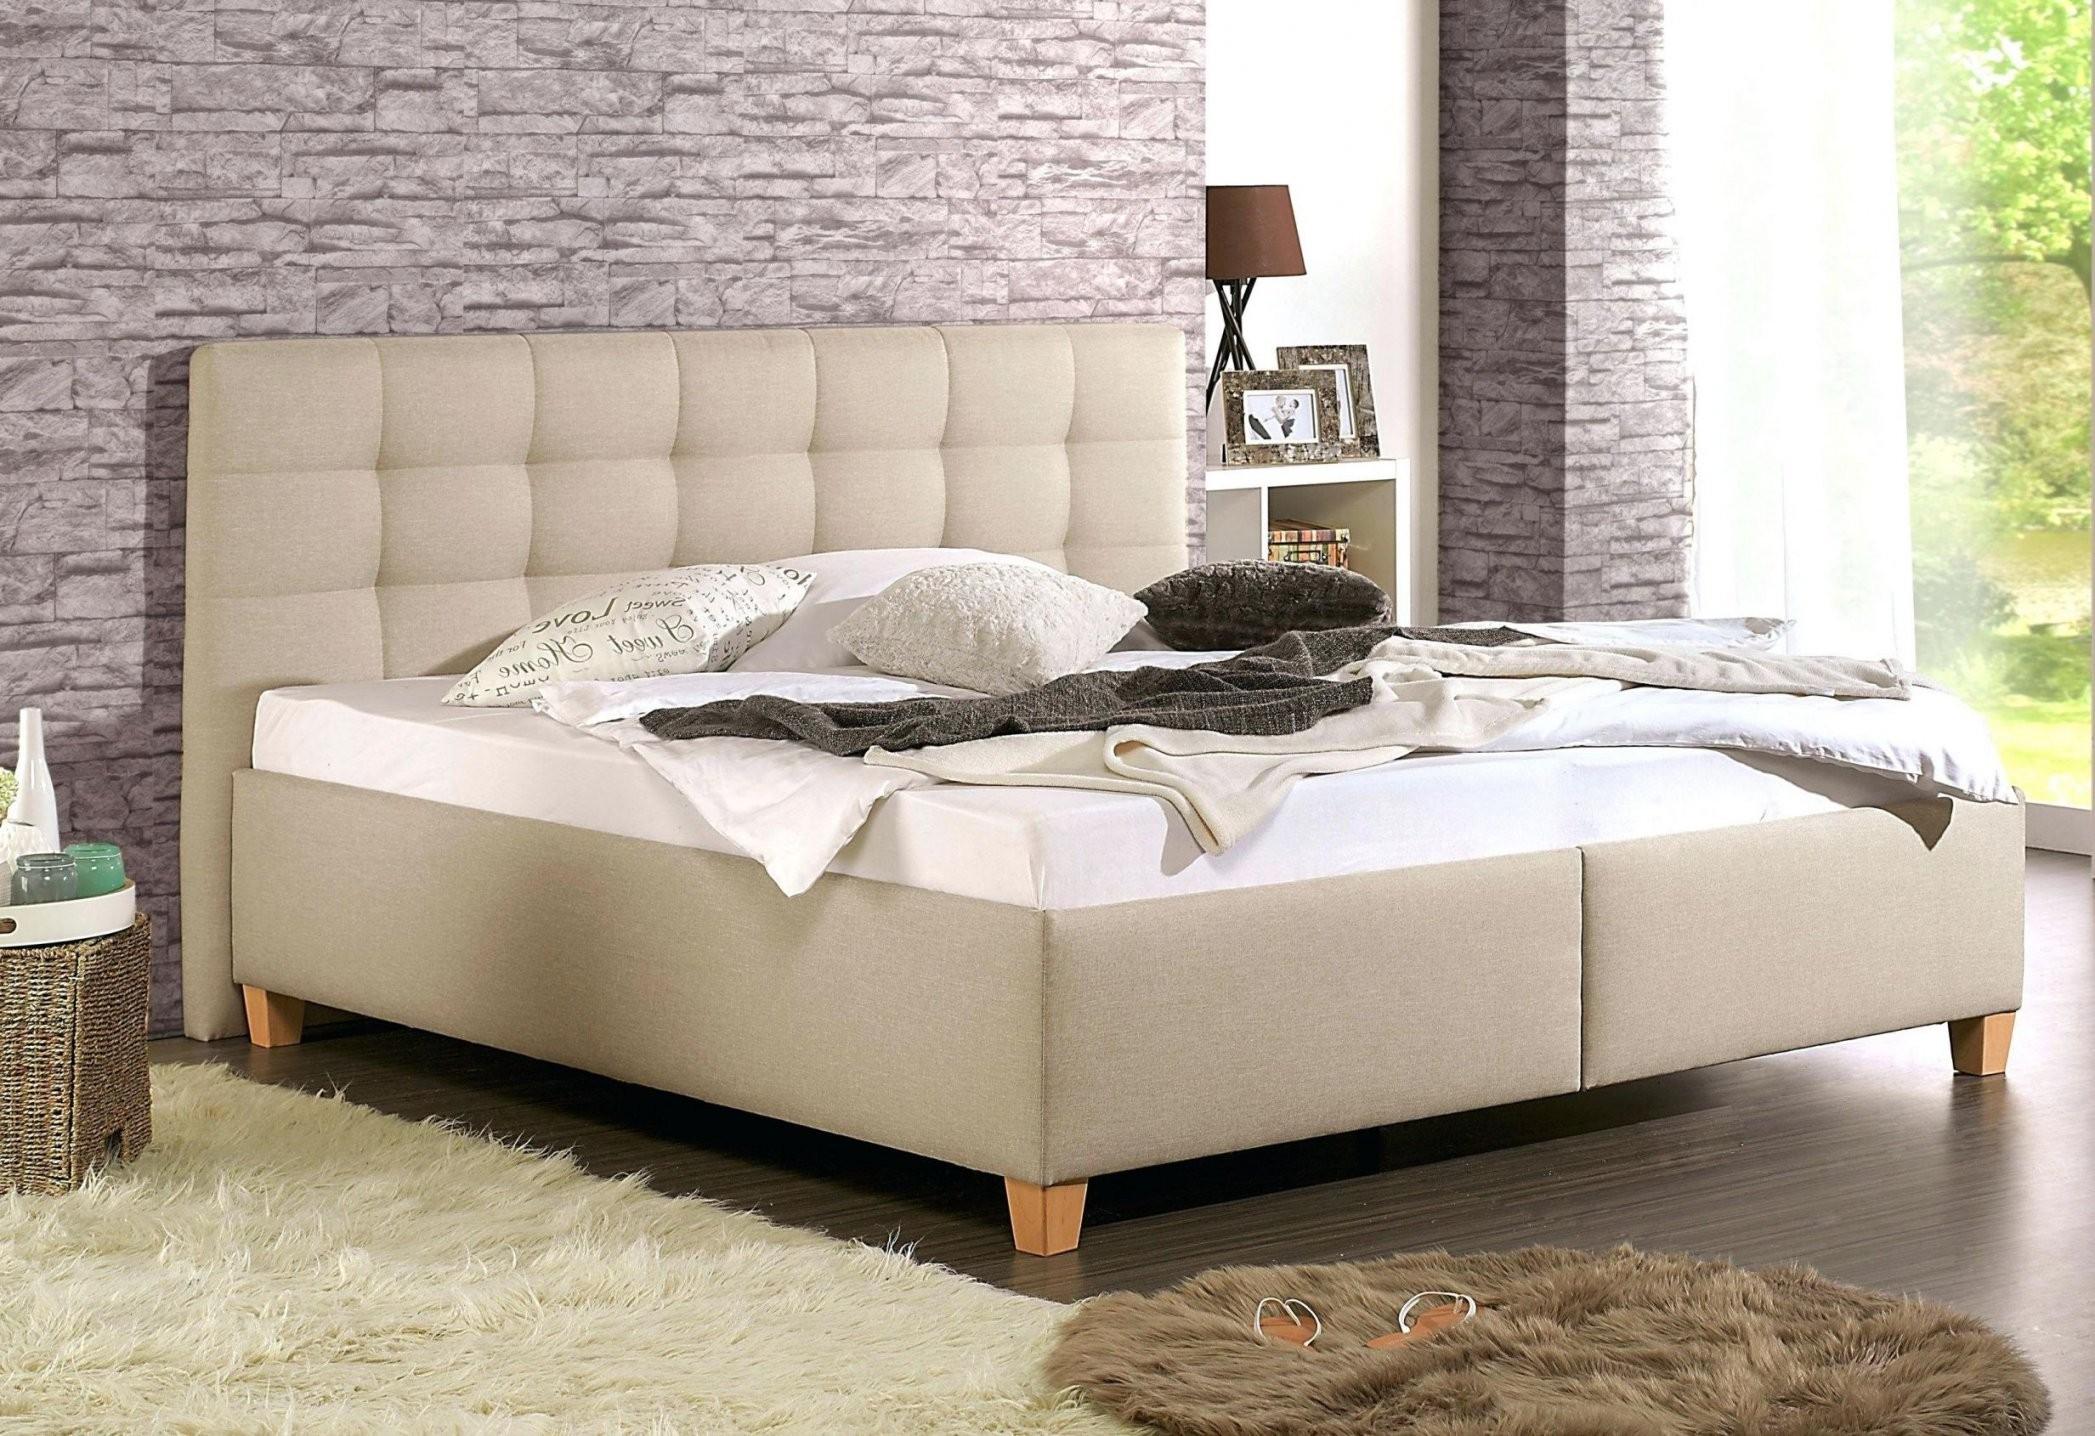 Am Besten Bett Mit Matratze Und Lattenrost 160X200 Polsterbett Mit von Bett Mit Matratze Und Lattenrost 160X200 Bild